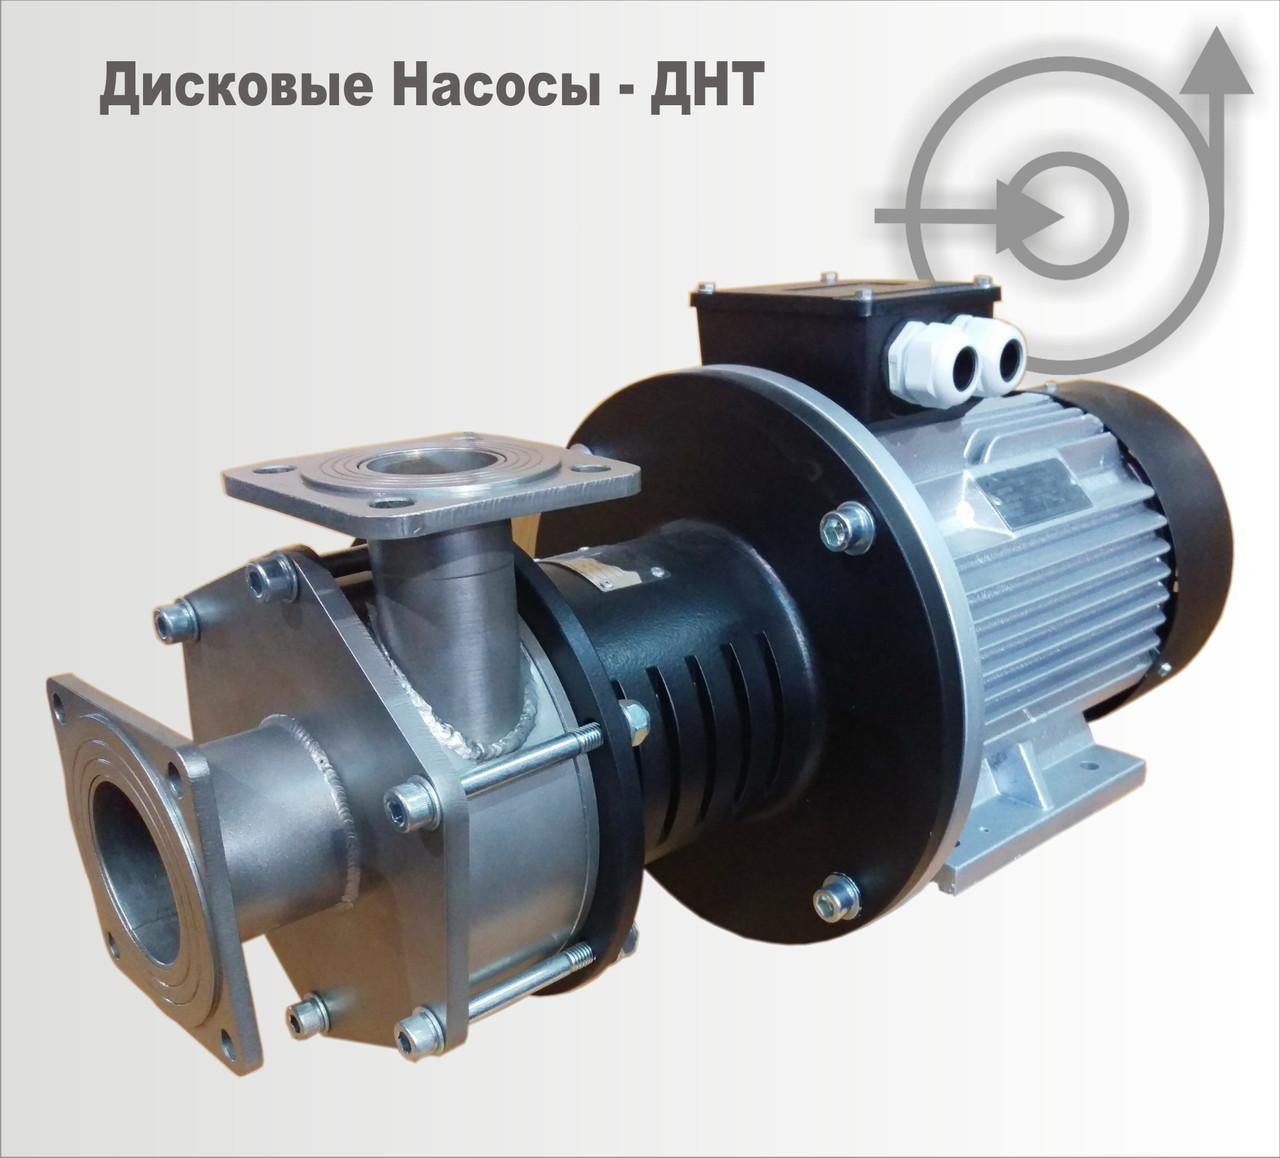 Дисковый насос ДНТ-К 80-50-200 ТУ Т1 для фильтрованного масла.